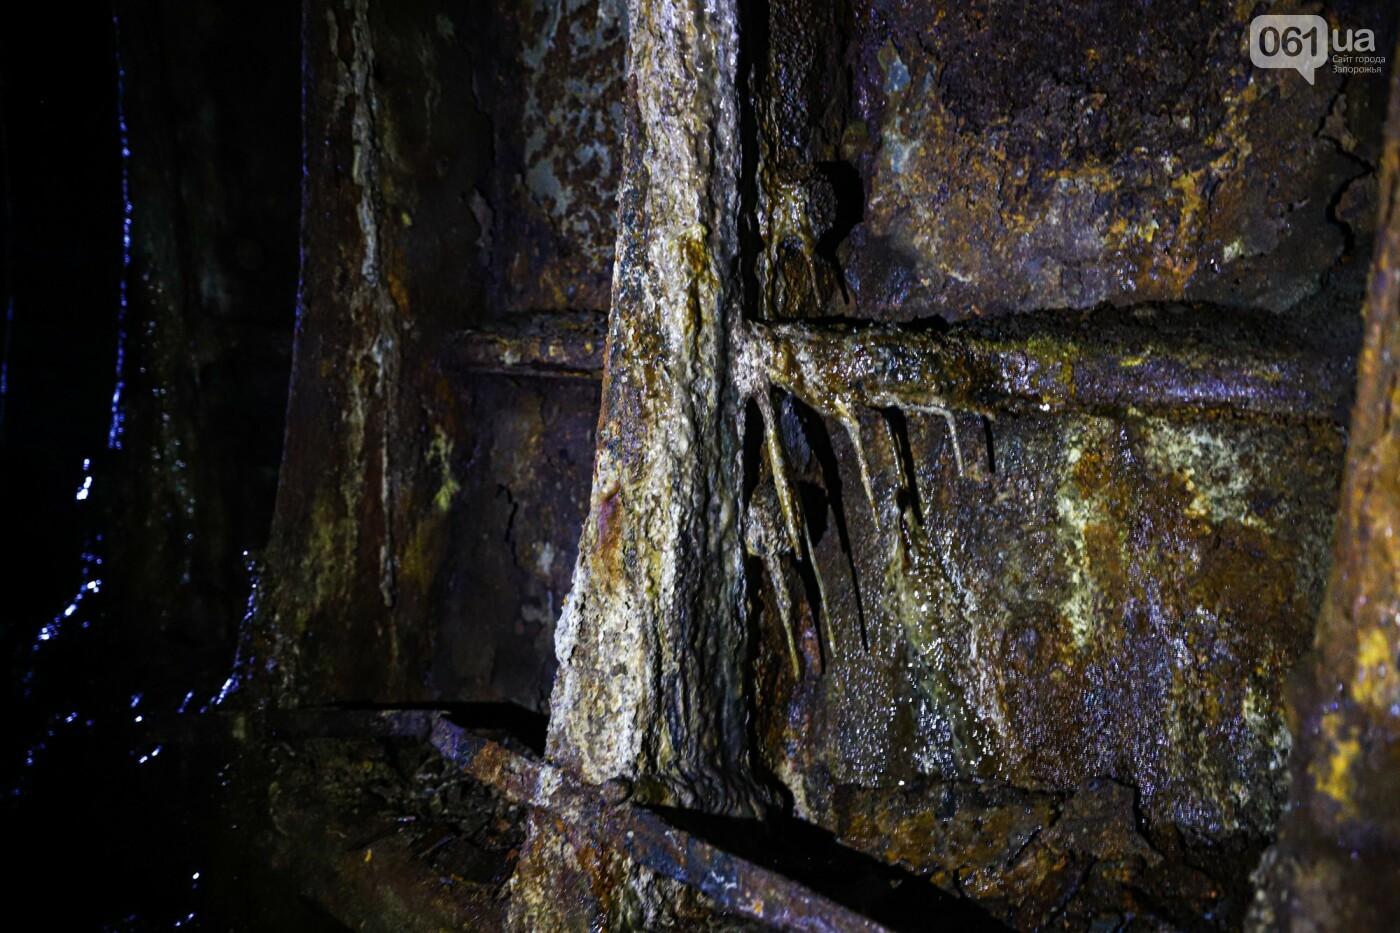 В Степногорске пытаются разобрать на металлолом шахту - промплощадка ГОКа превратилась в руины, - ФОТОРЕПОРТАЖ , фото-15